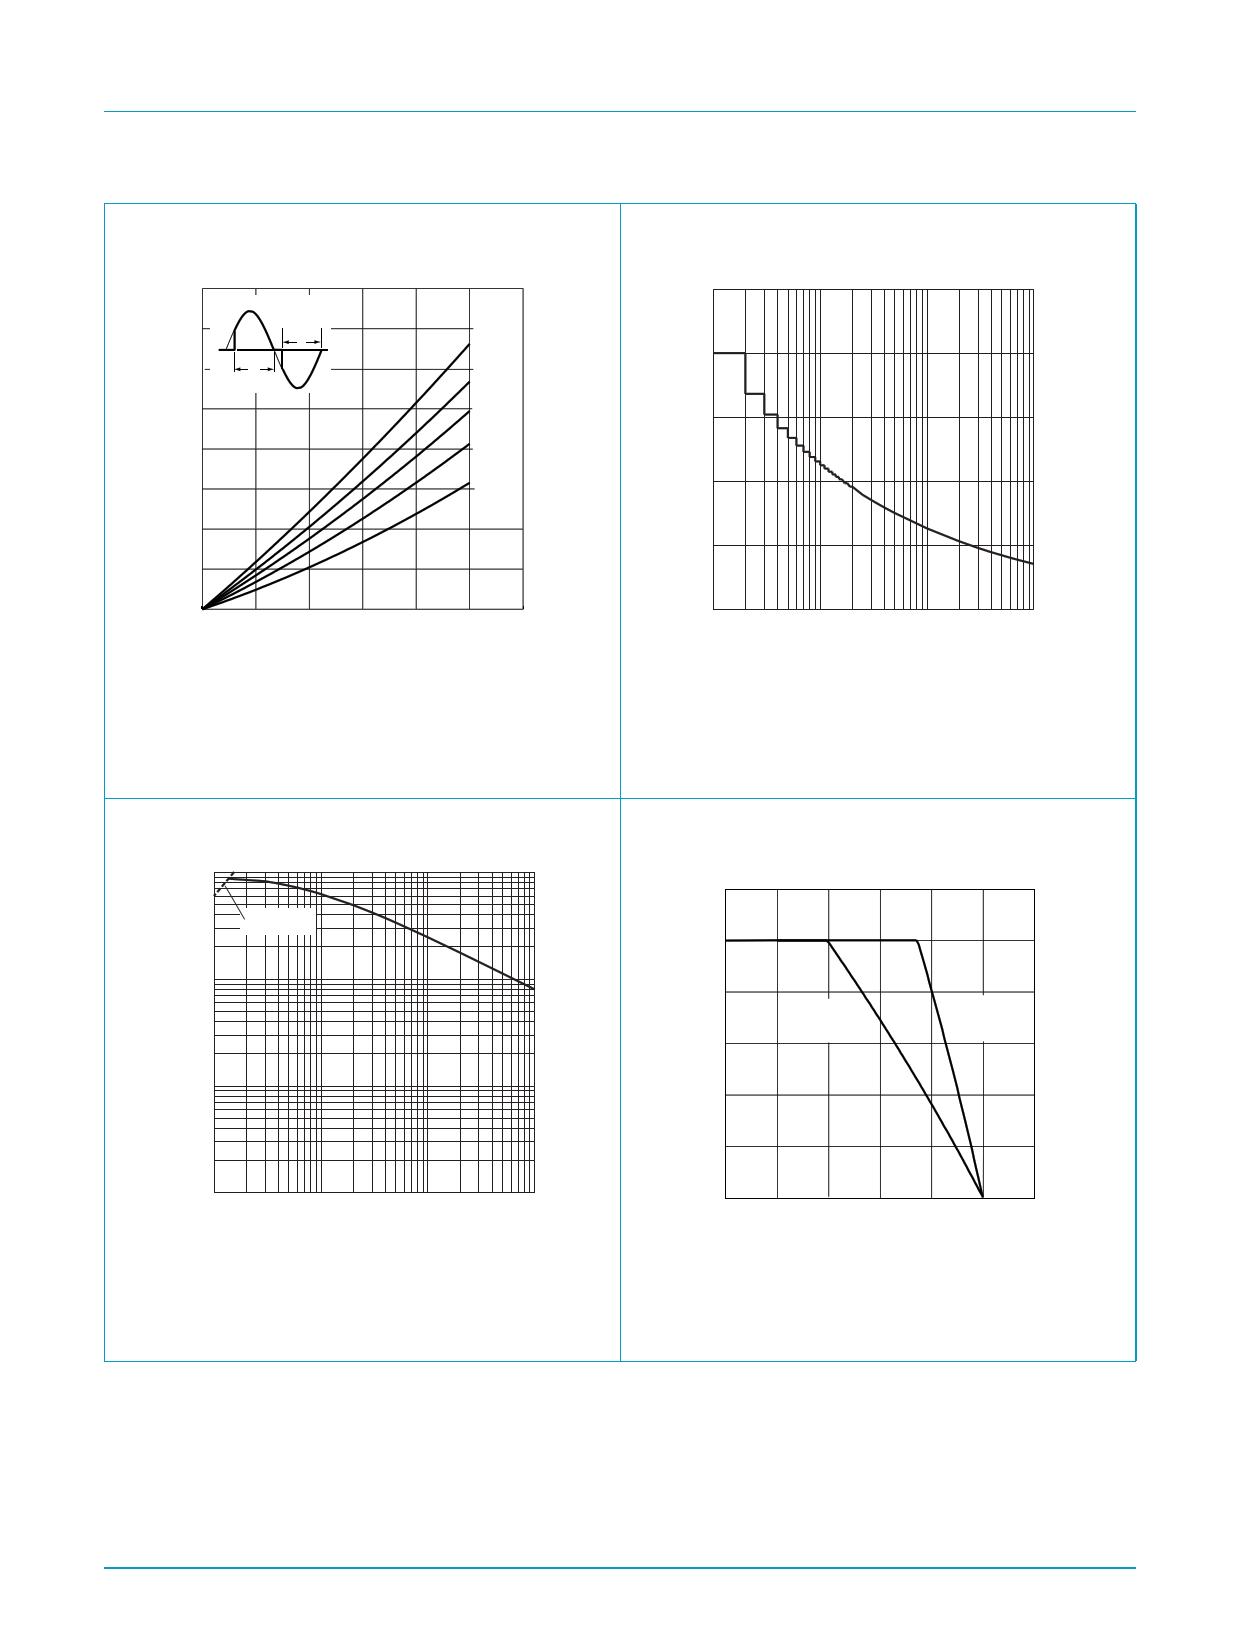 Z0107NN pdf, ピン配列